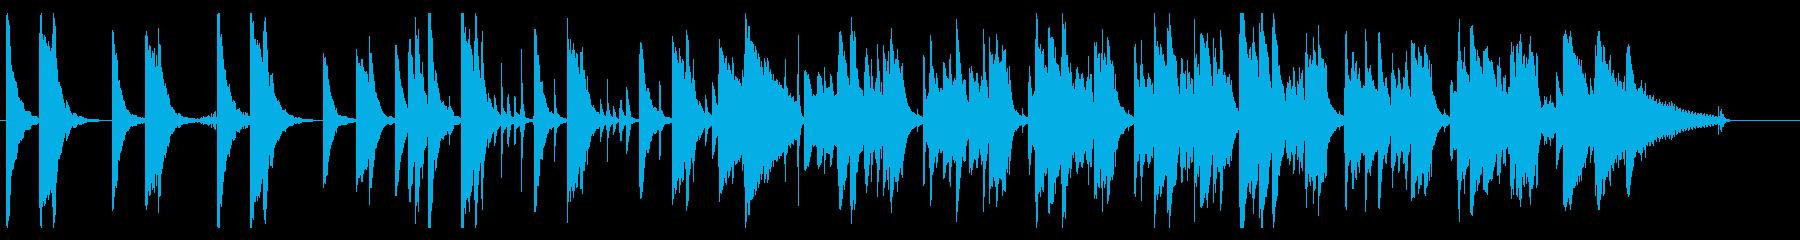 小動物や赤ちゃんをイメージしたほのぼの曲の再生済みの波形